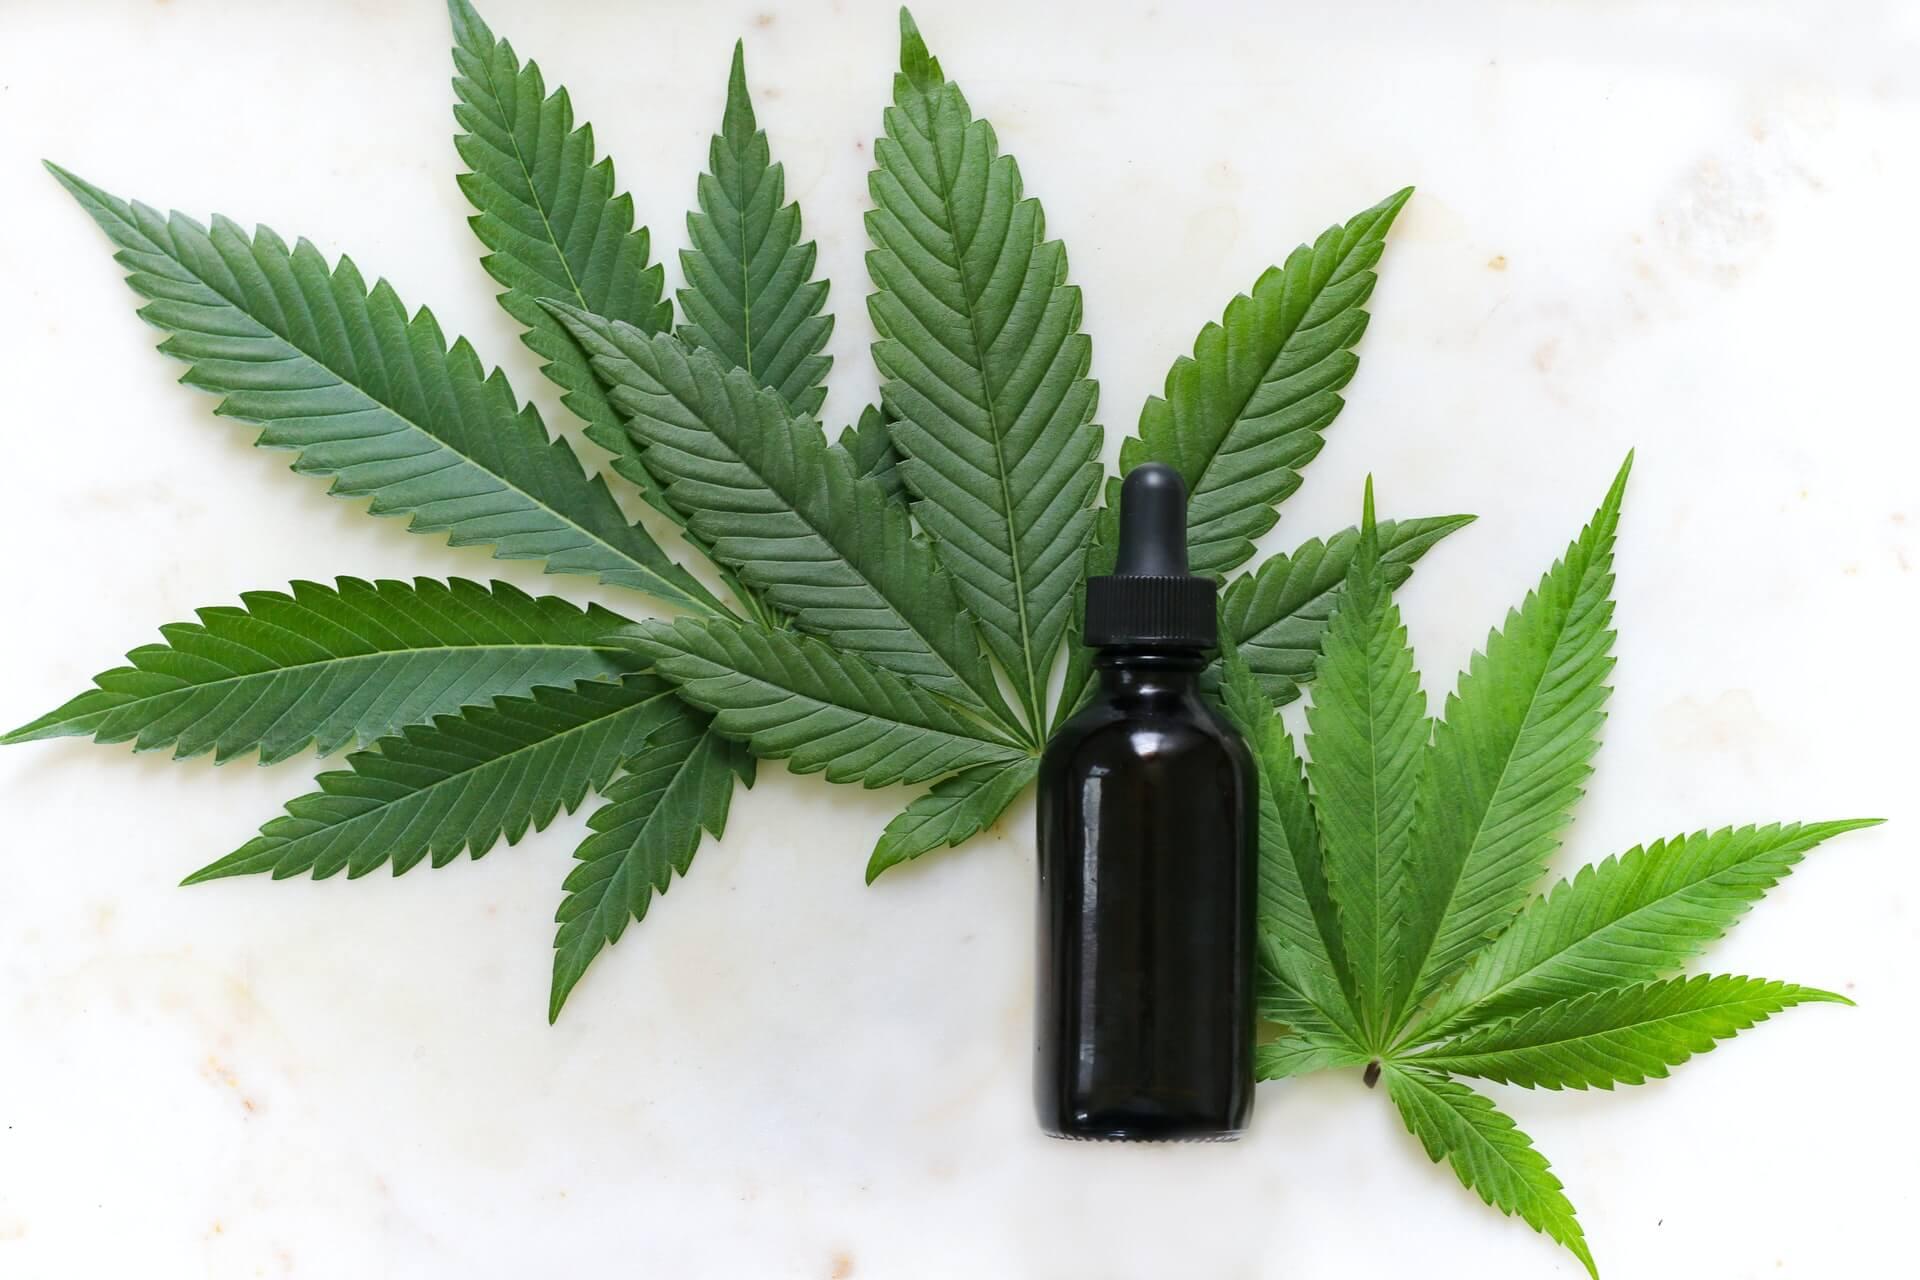 Hemp or cannabis tincture